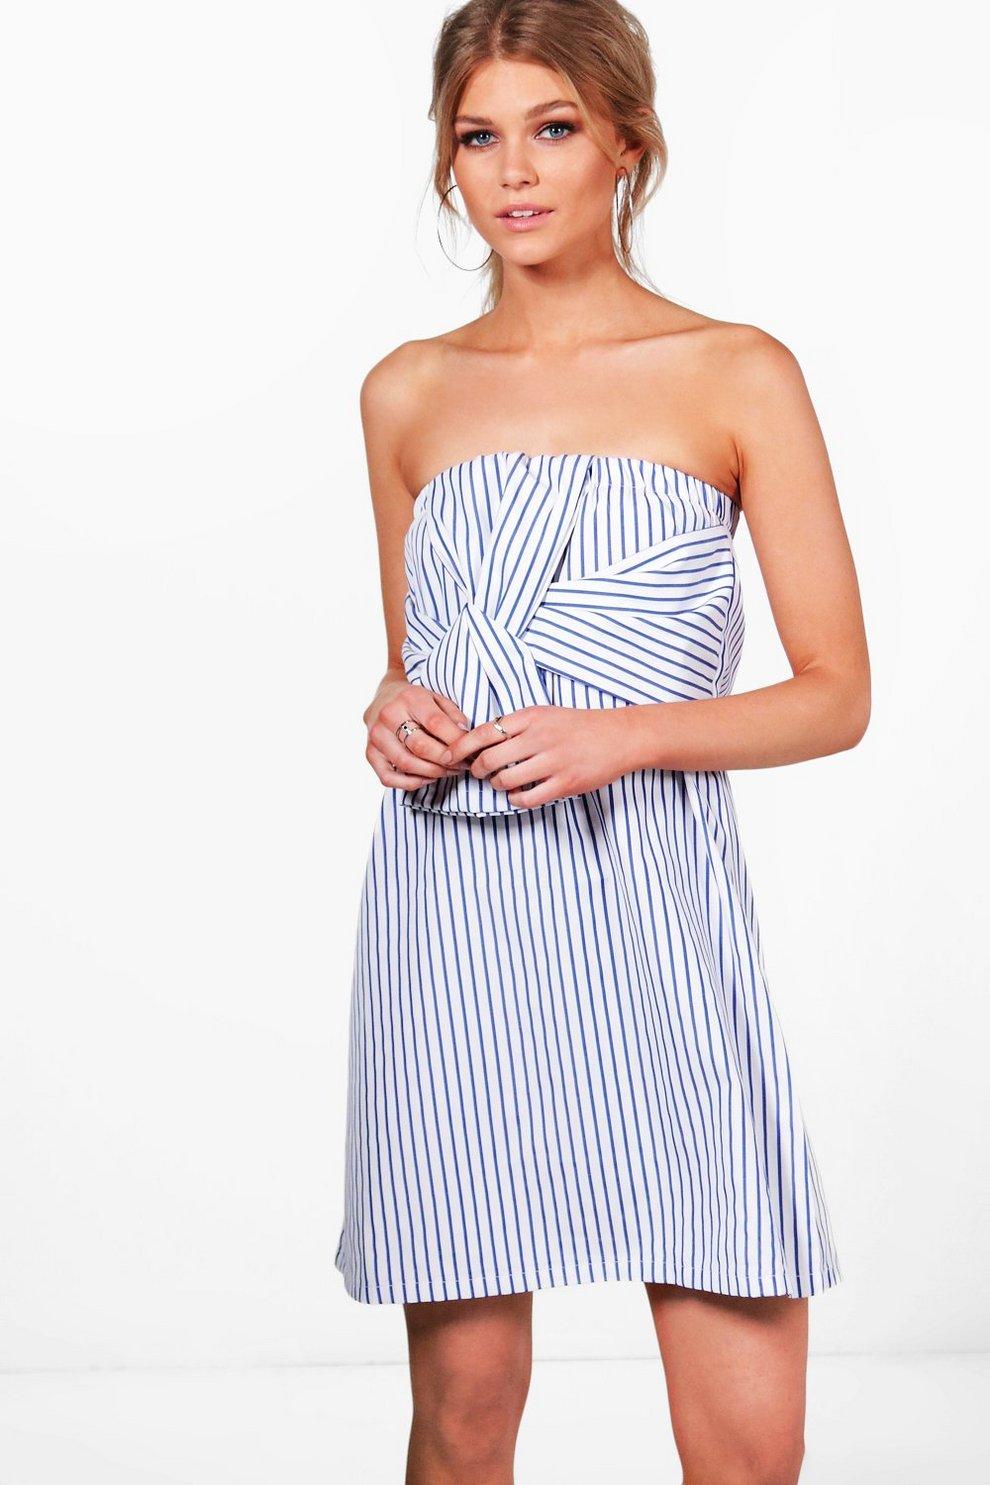 bdc138196e9 Sundresses Petite Dresses - Gomes Weine AG